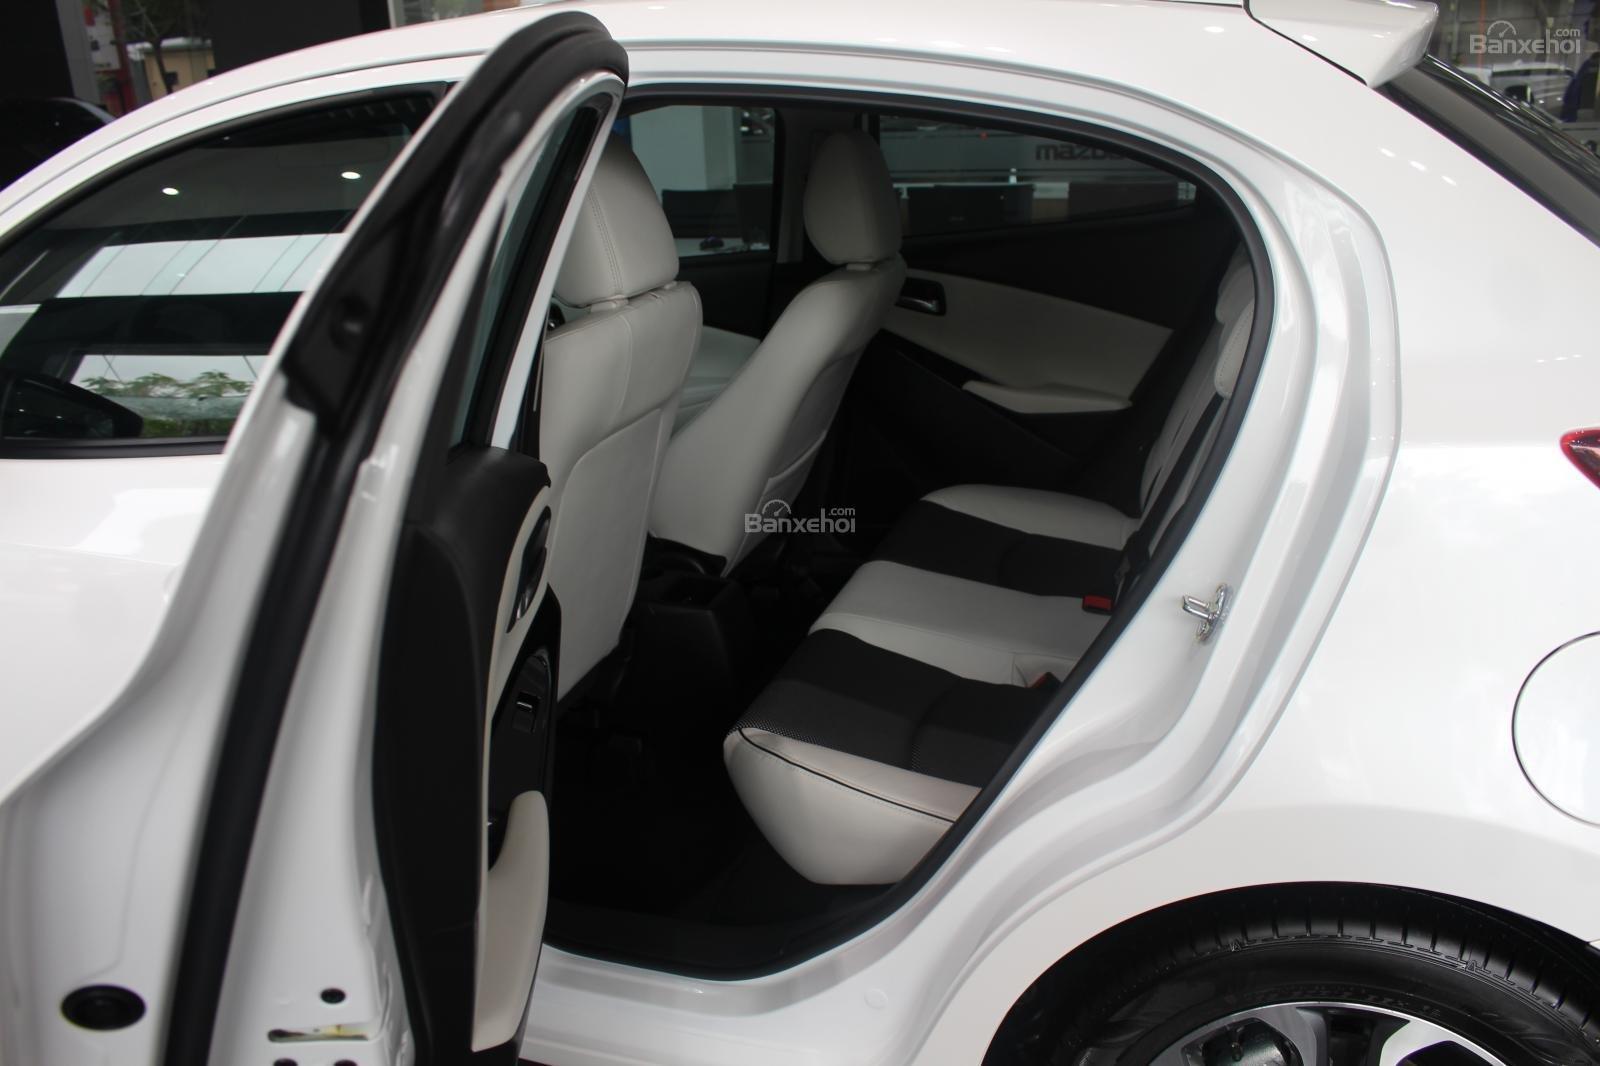 {Mazda Bình Triệu} Mazda 2 1.5 AT full option, xe nhập Thái - LH 0941 322 979 giá rẻ nhất TP Hồ Chí Minh-6